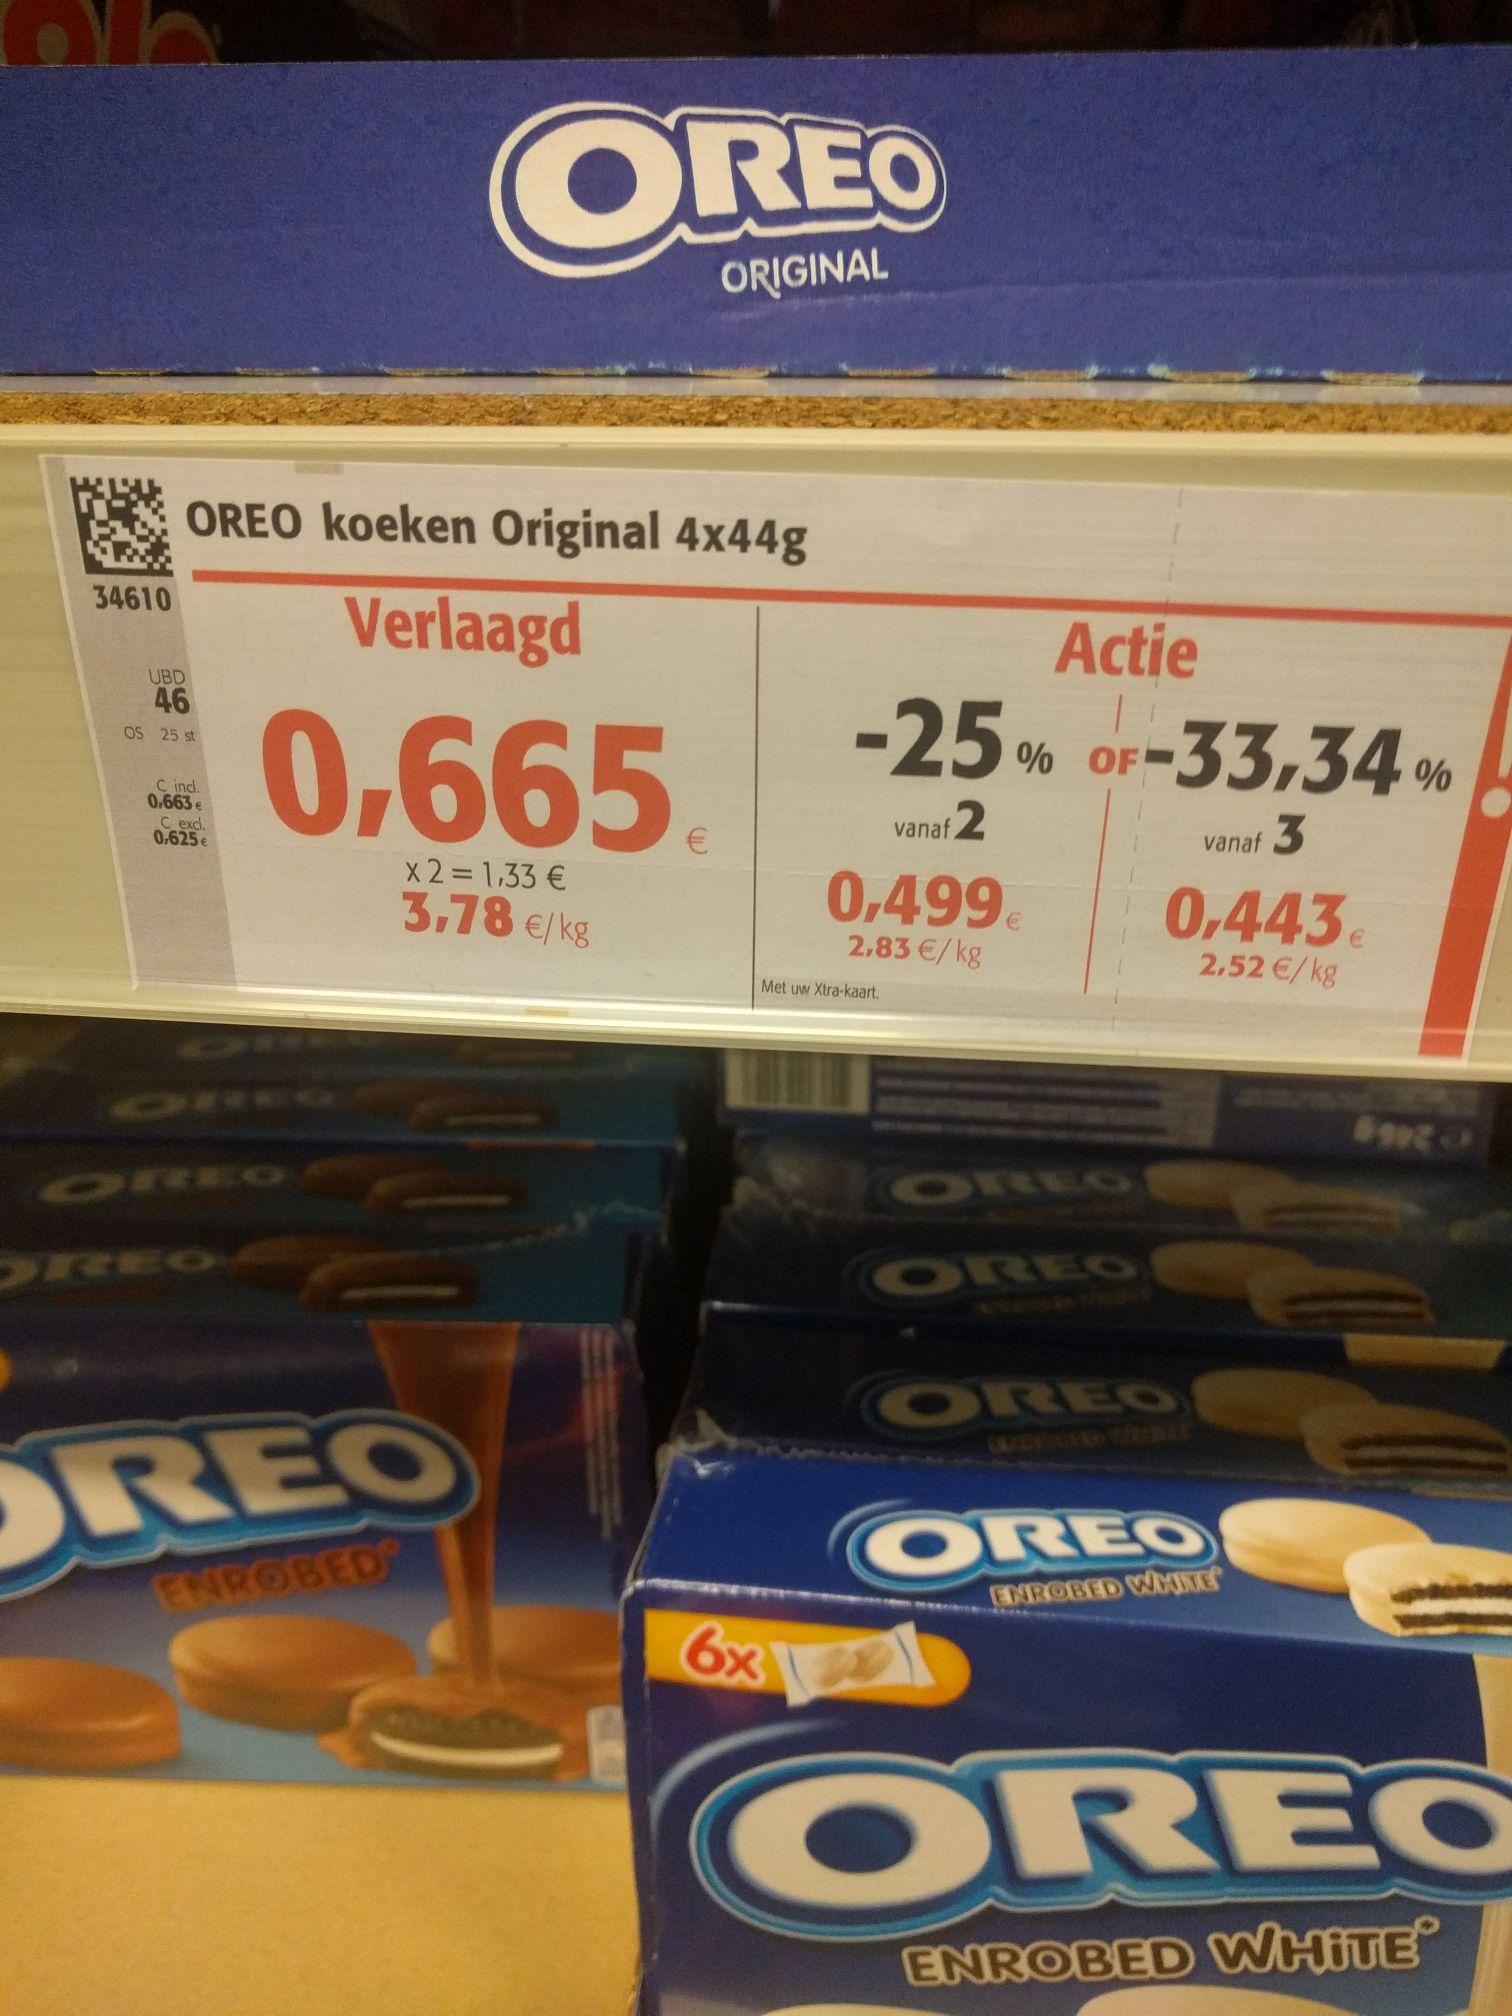 [GRENSDEAL BELGIË] zeer goedkope Oreo bij Colruyt